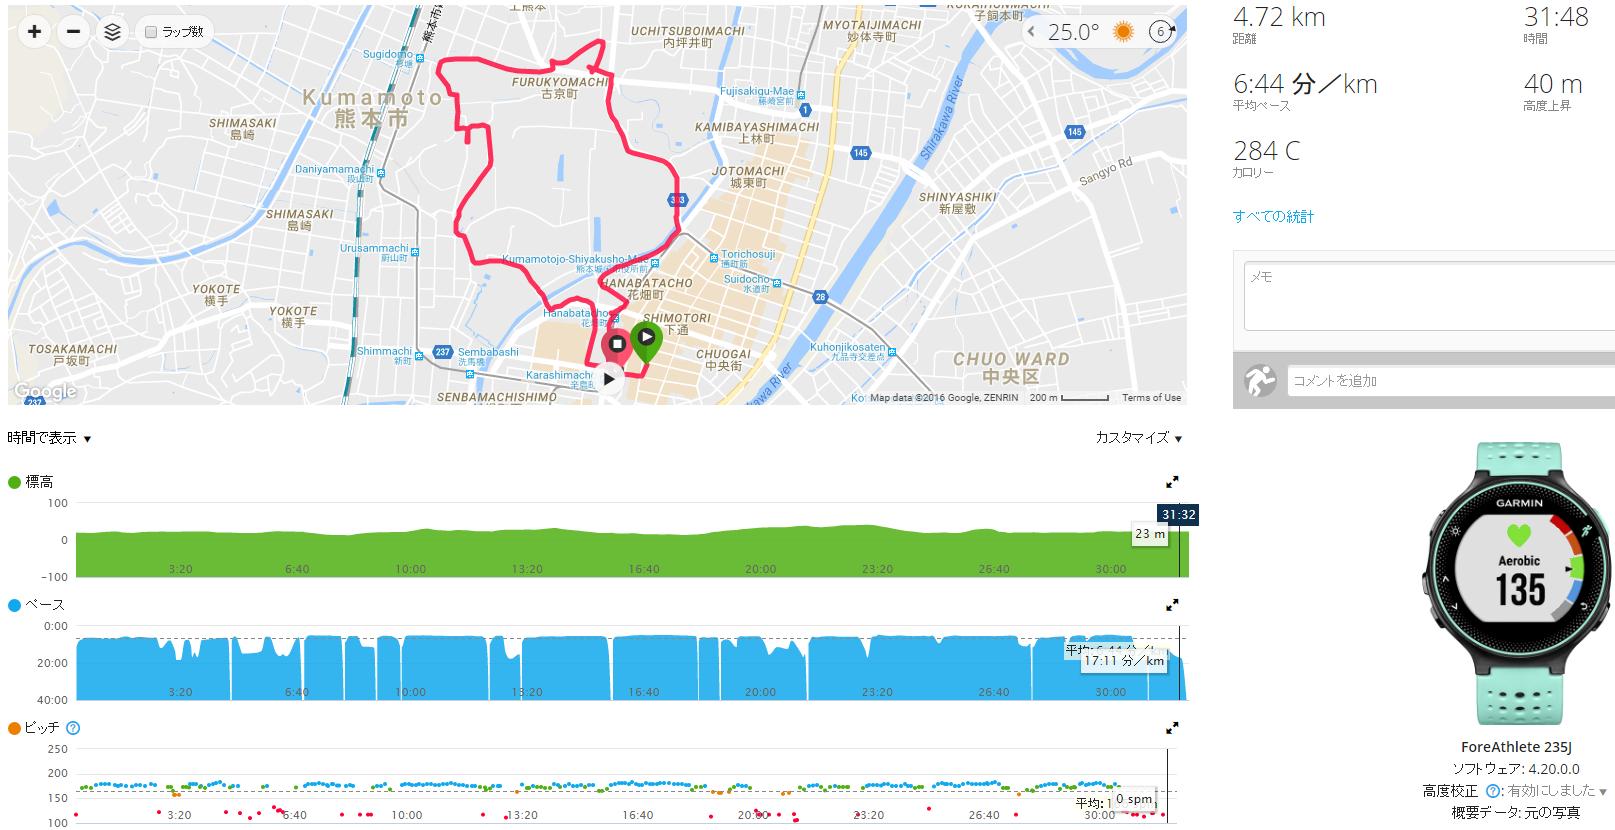 201608旅Run熊本